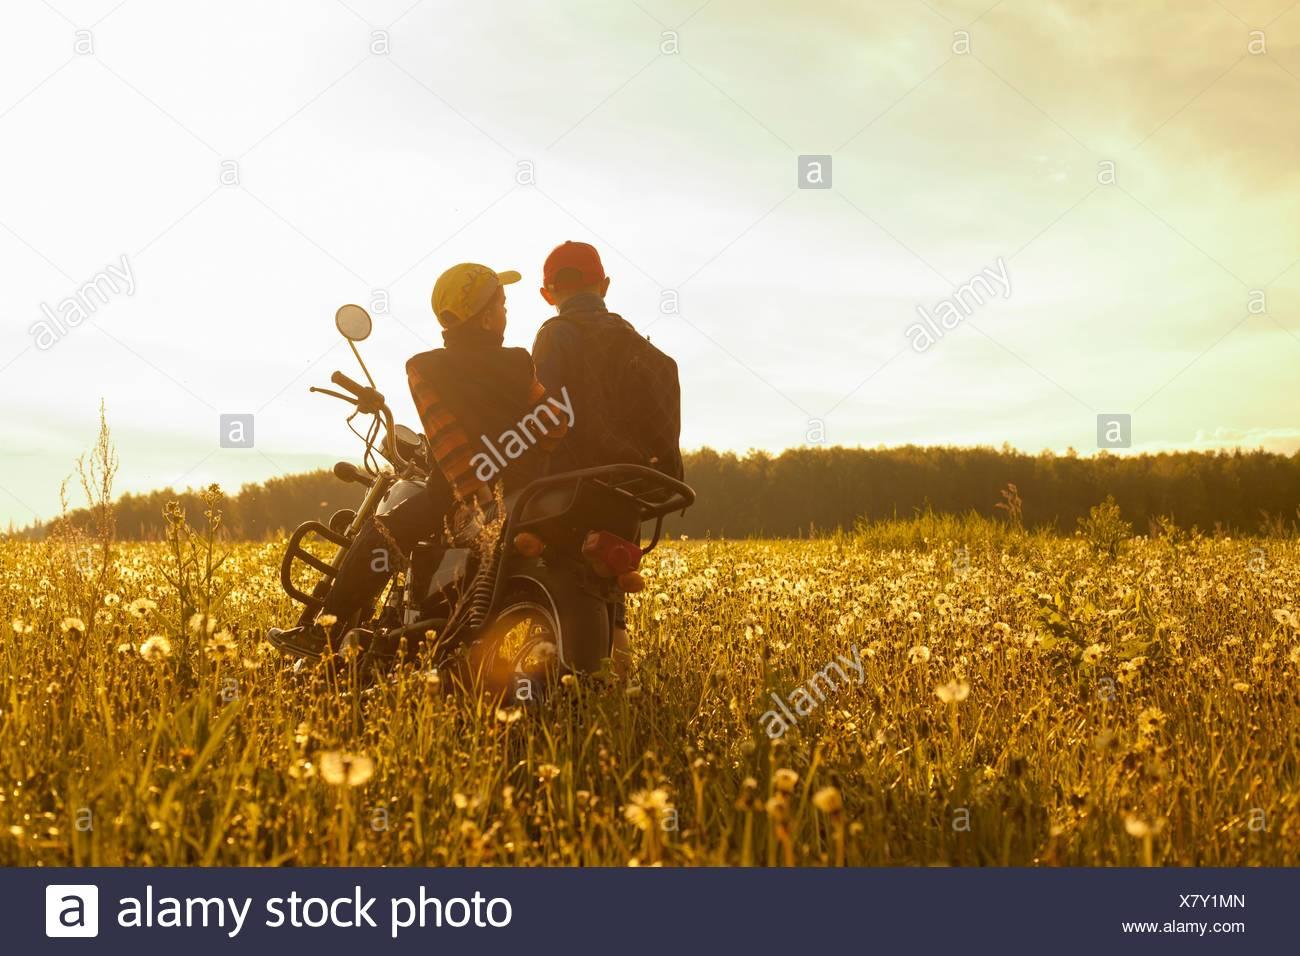 Dos chicos, sentado en una motocicleta, en el campo, vista trasera Imagen De Stock